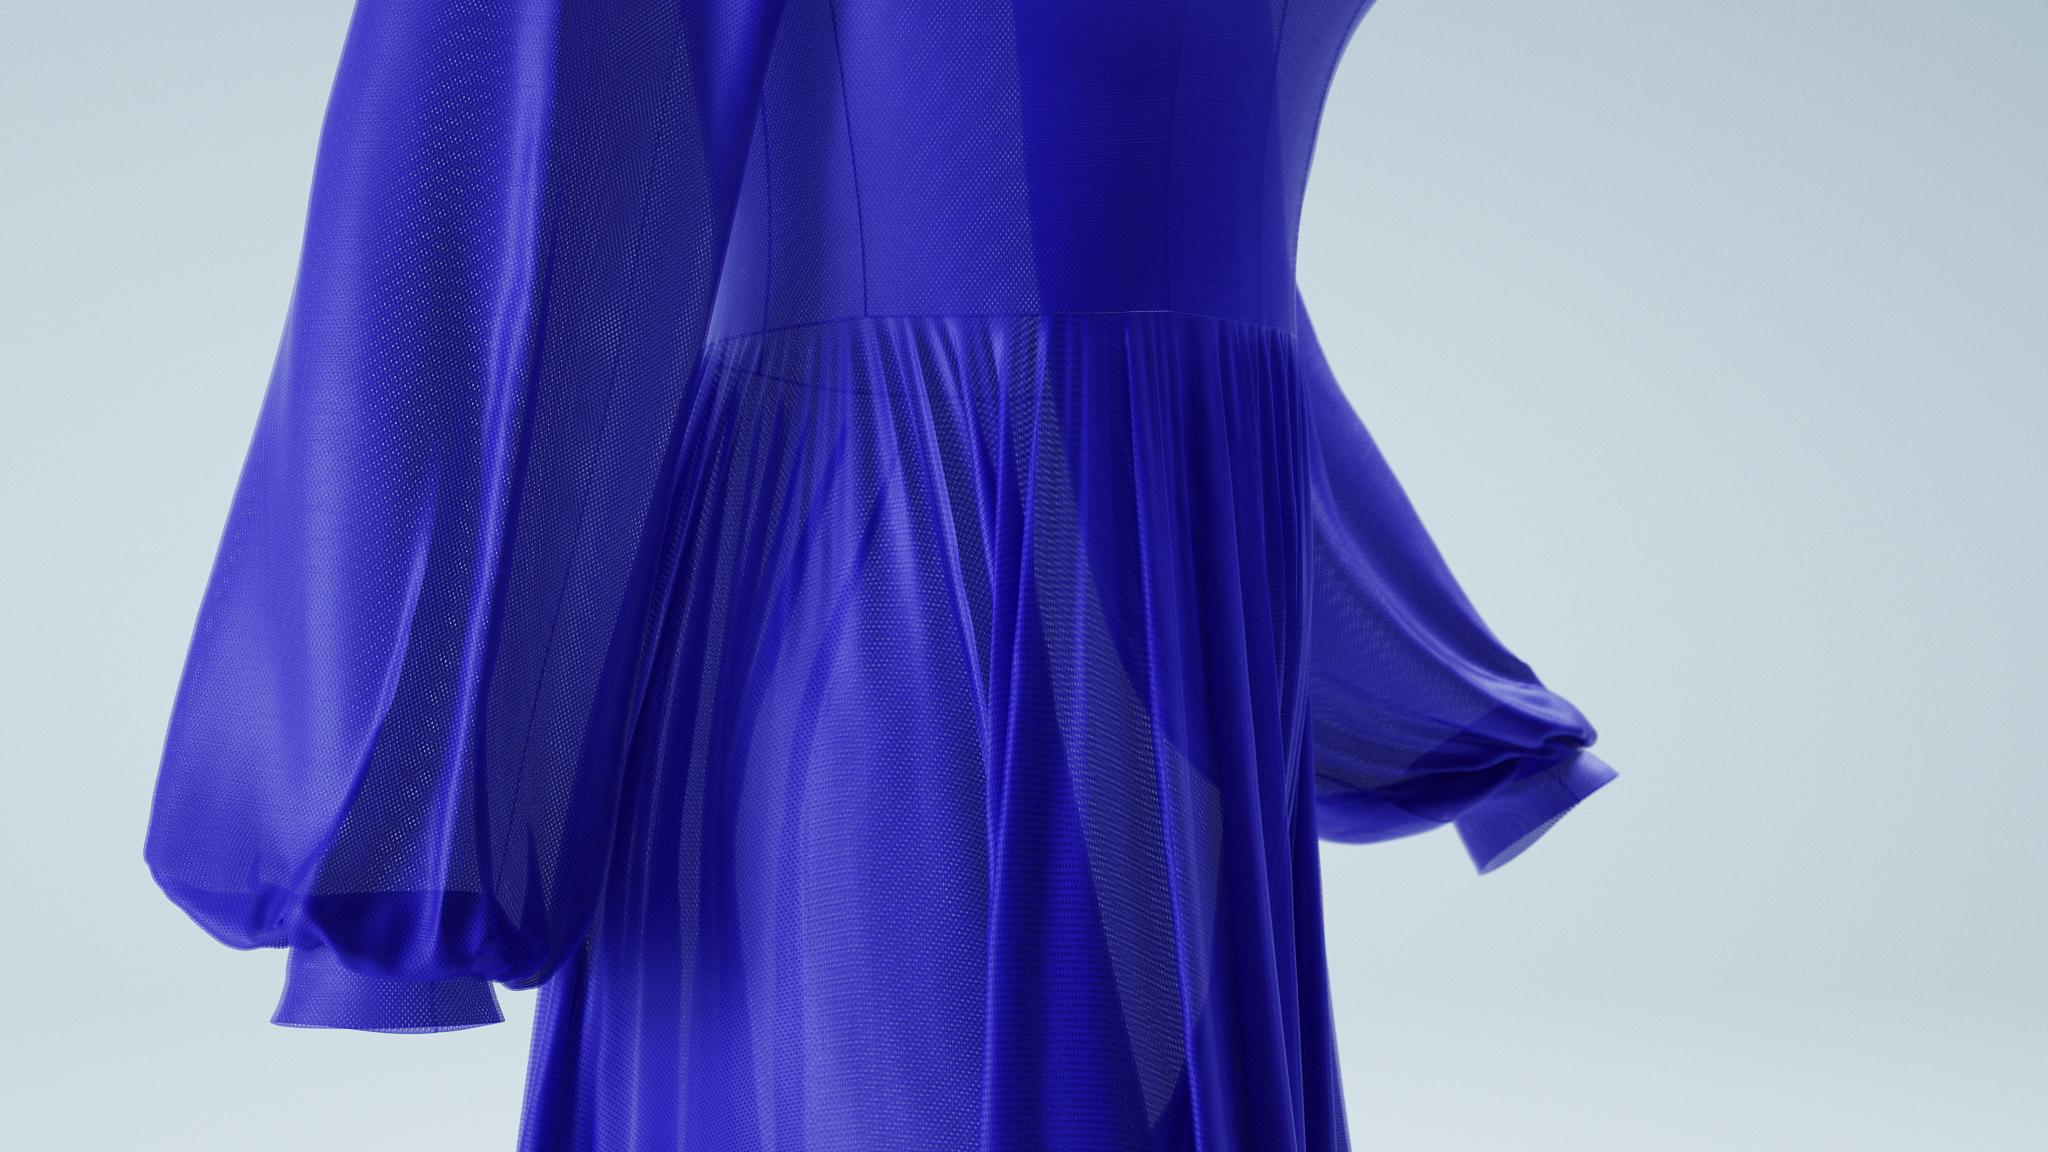 FBFX_Dress_MW_03.jpg